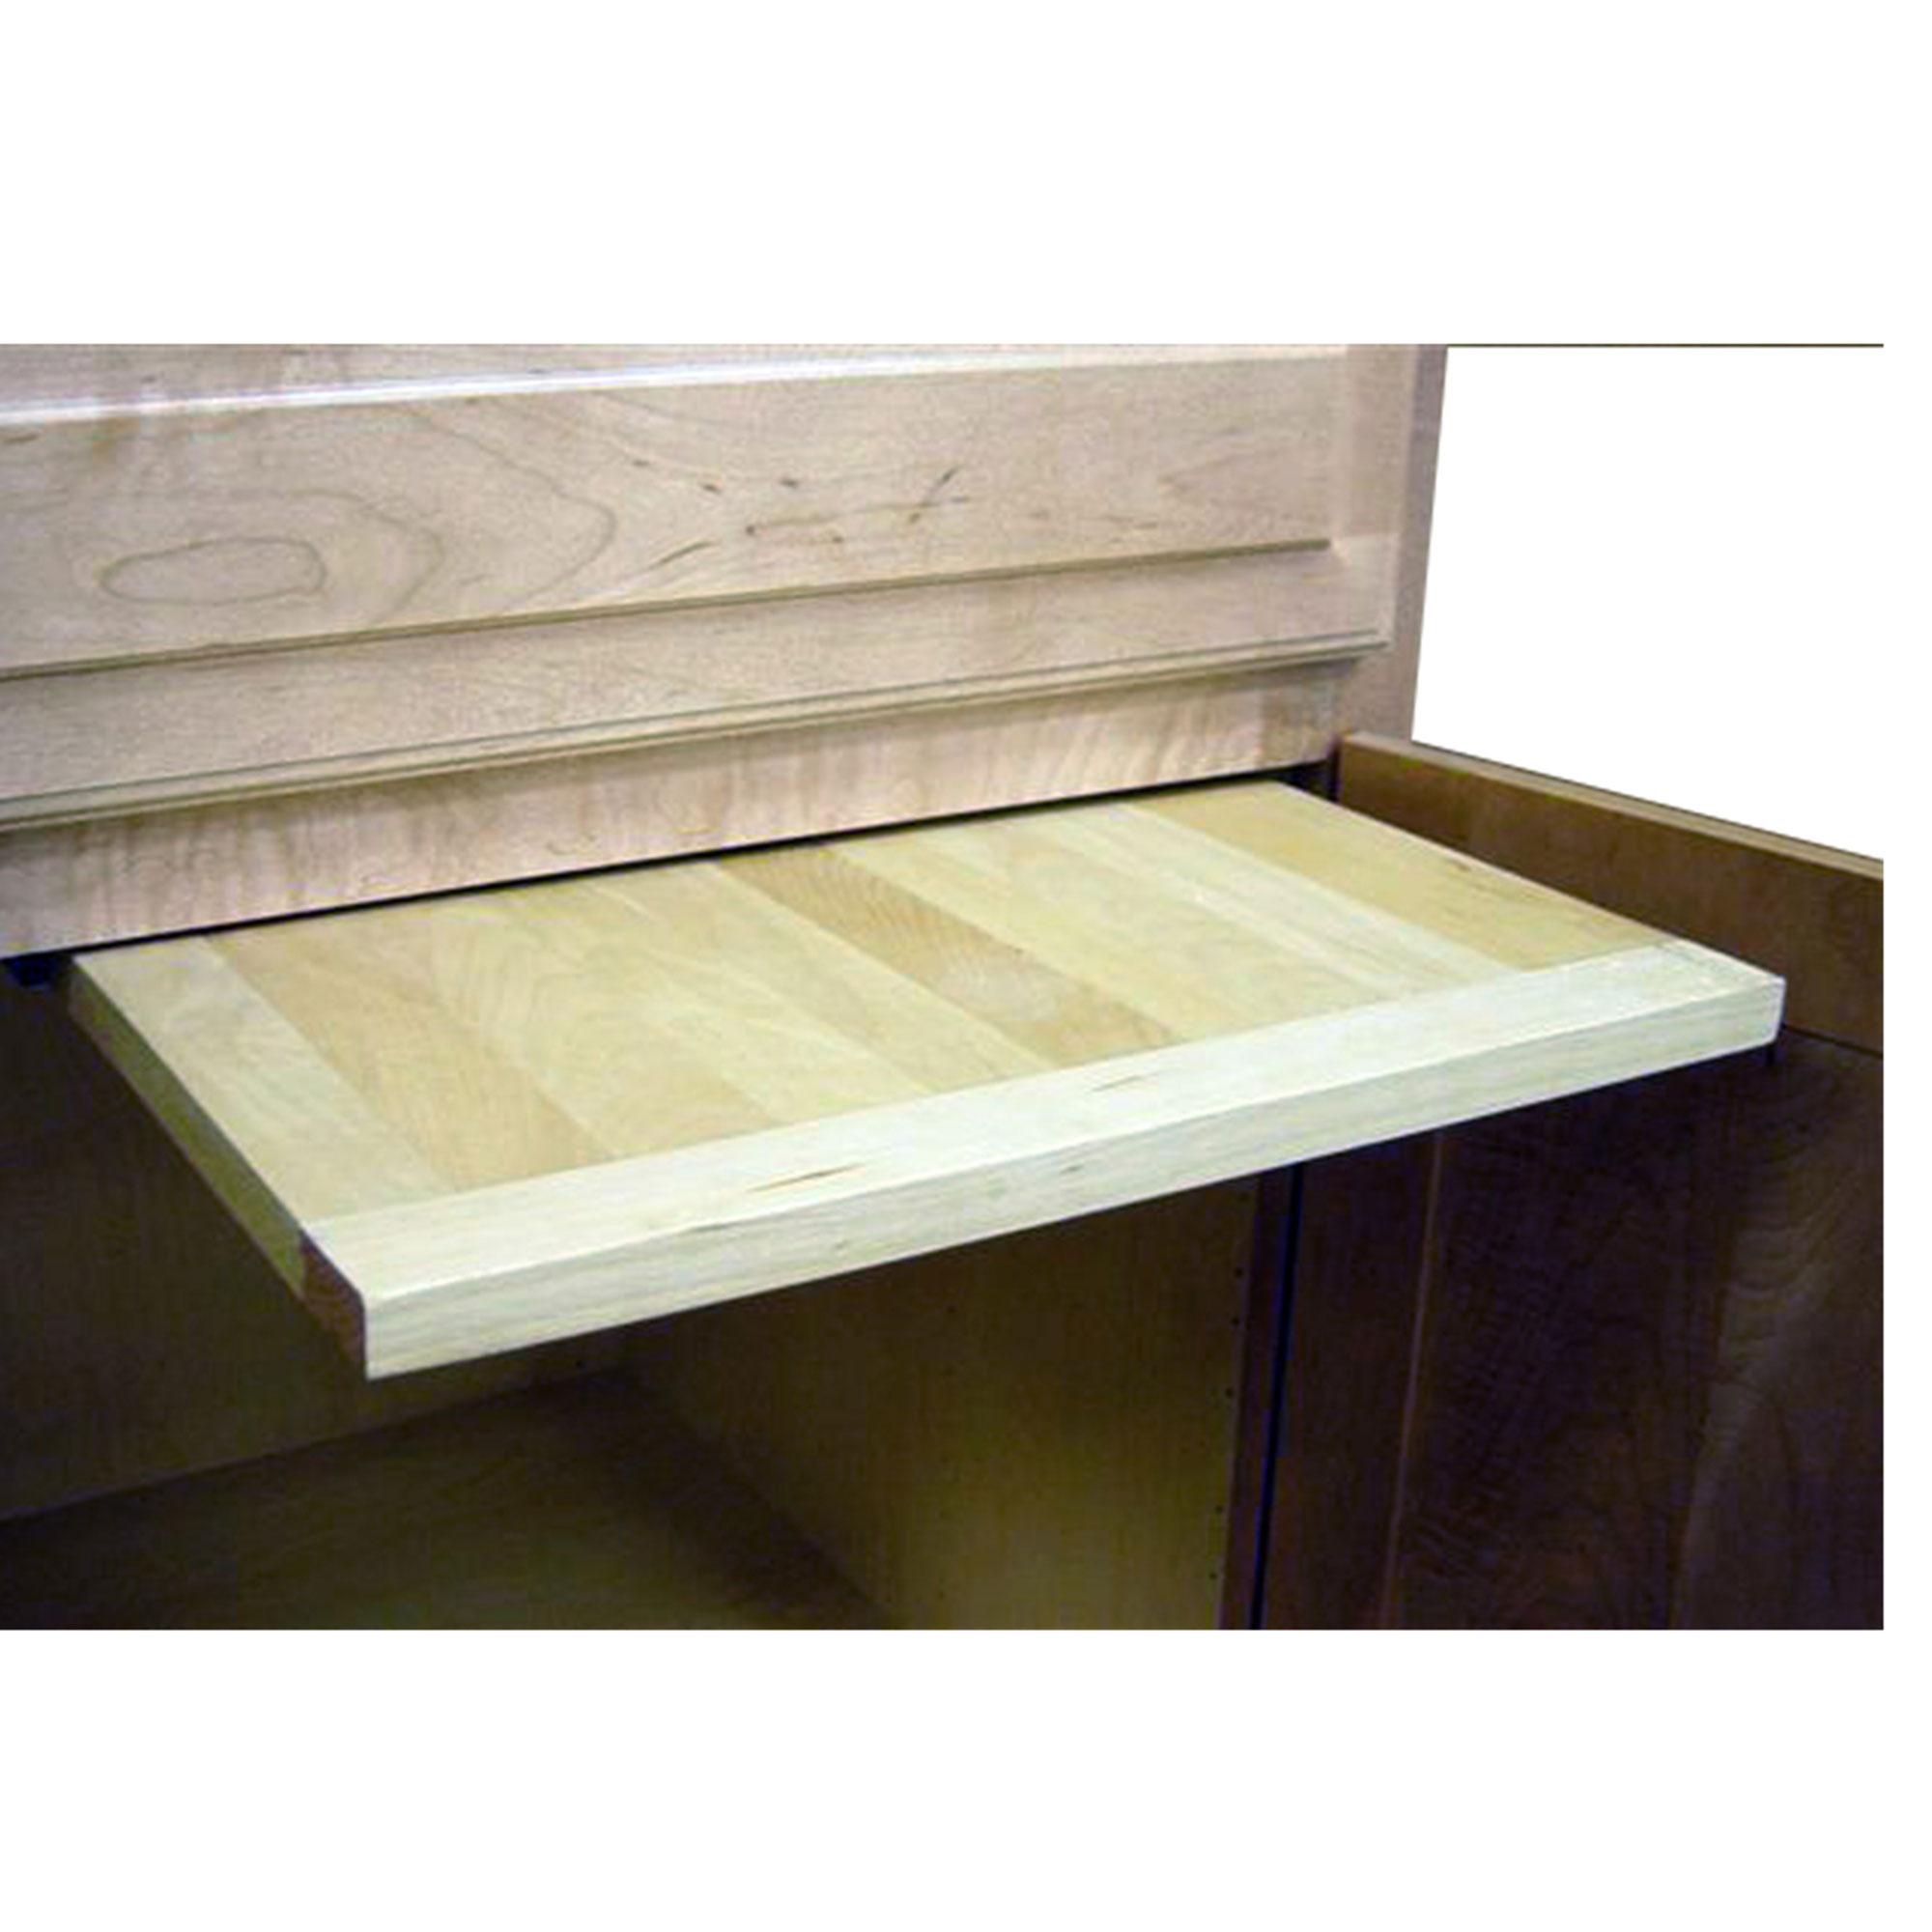 14 X 22 inch EZ Slide N Store Wood Cutting Board